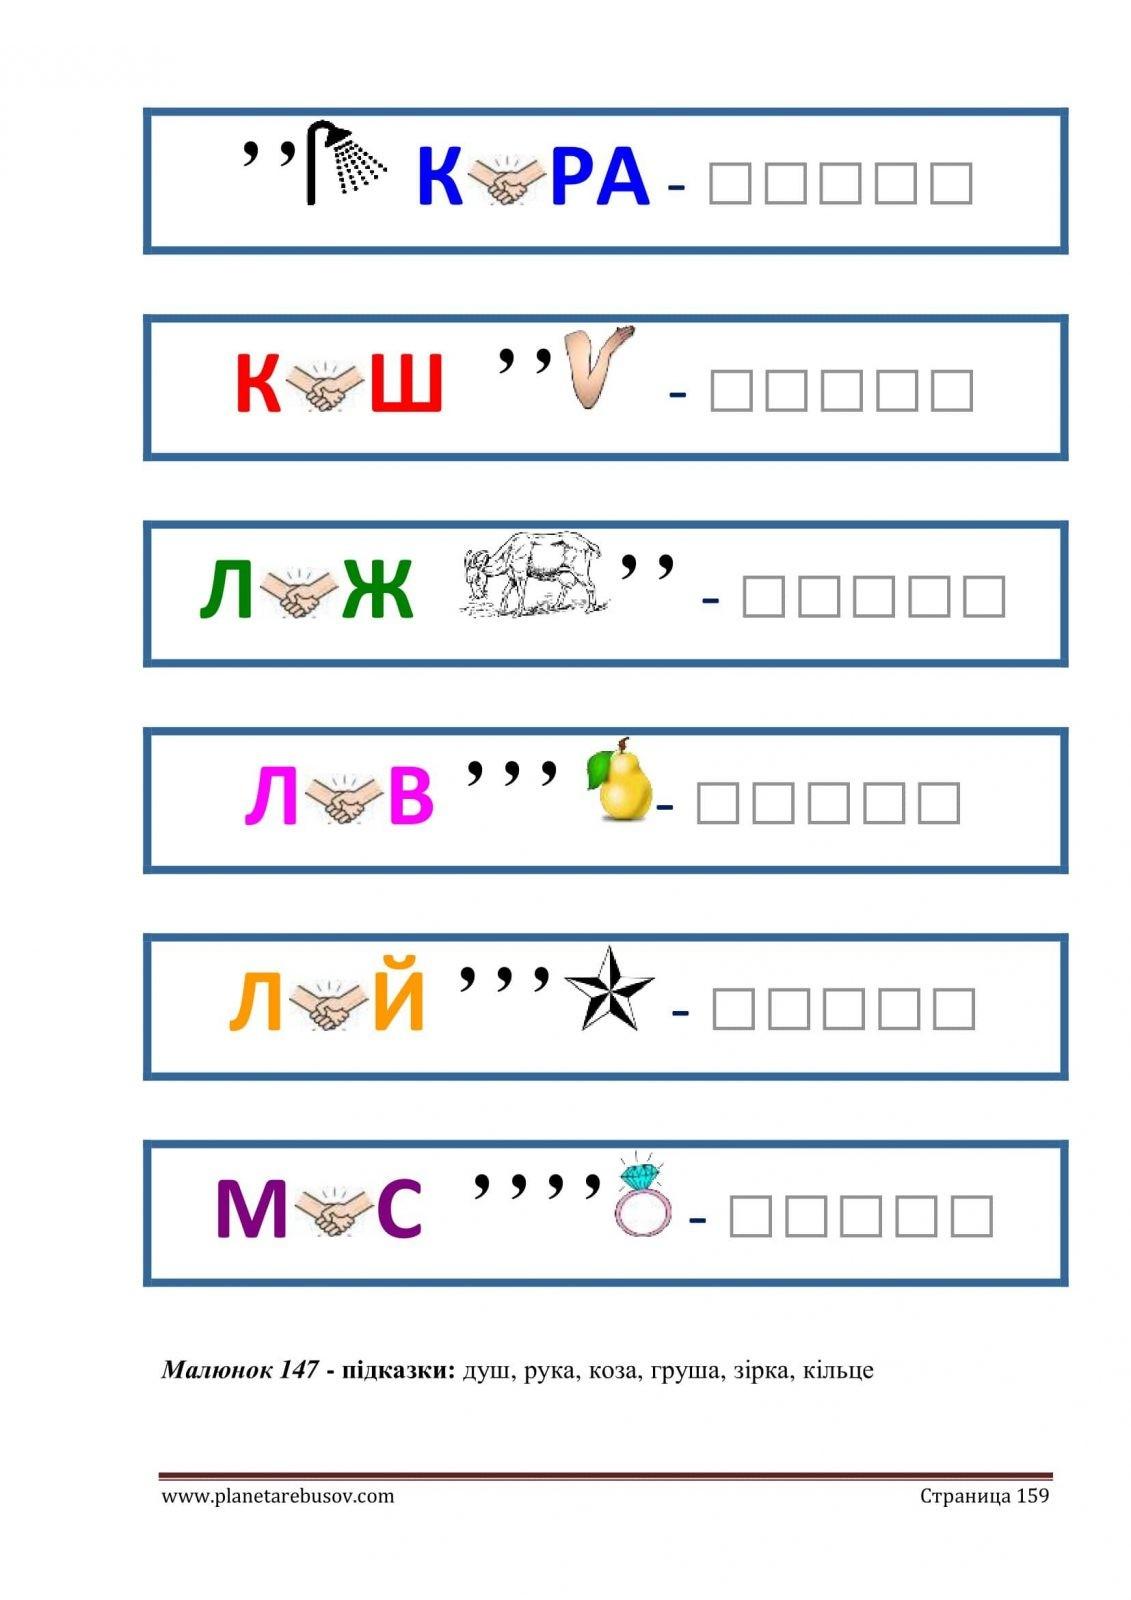 Ребусы на украинском. Уровень 3 — стр 159